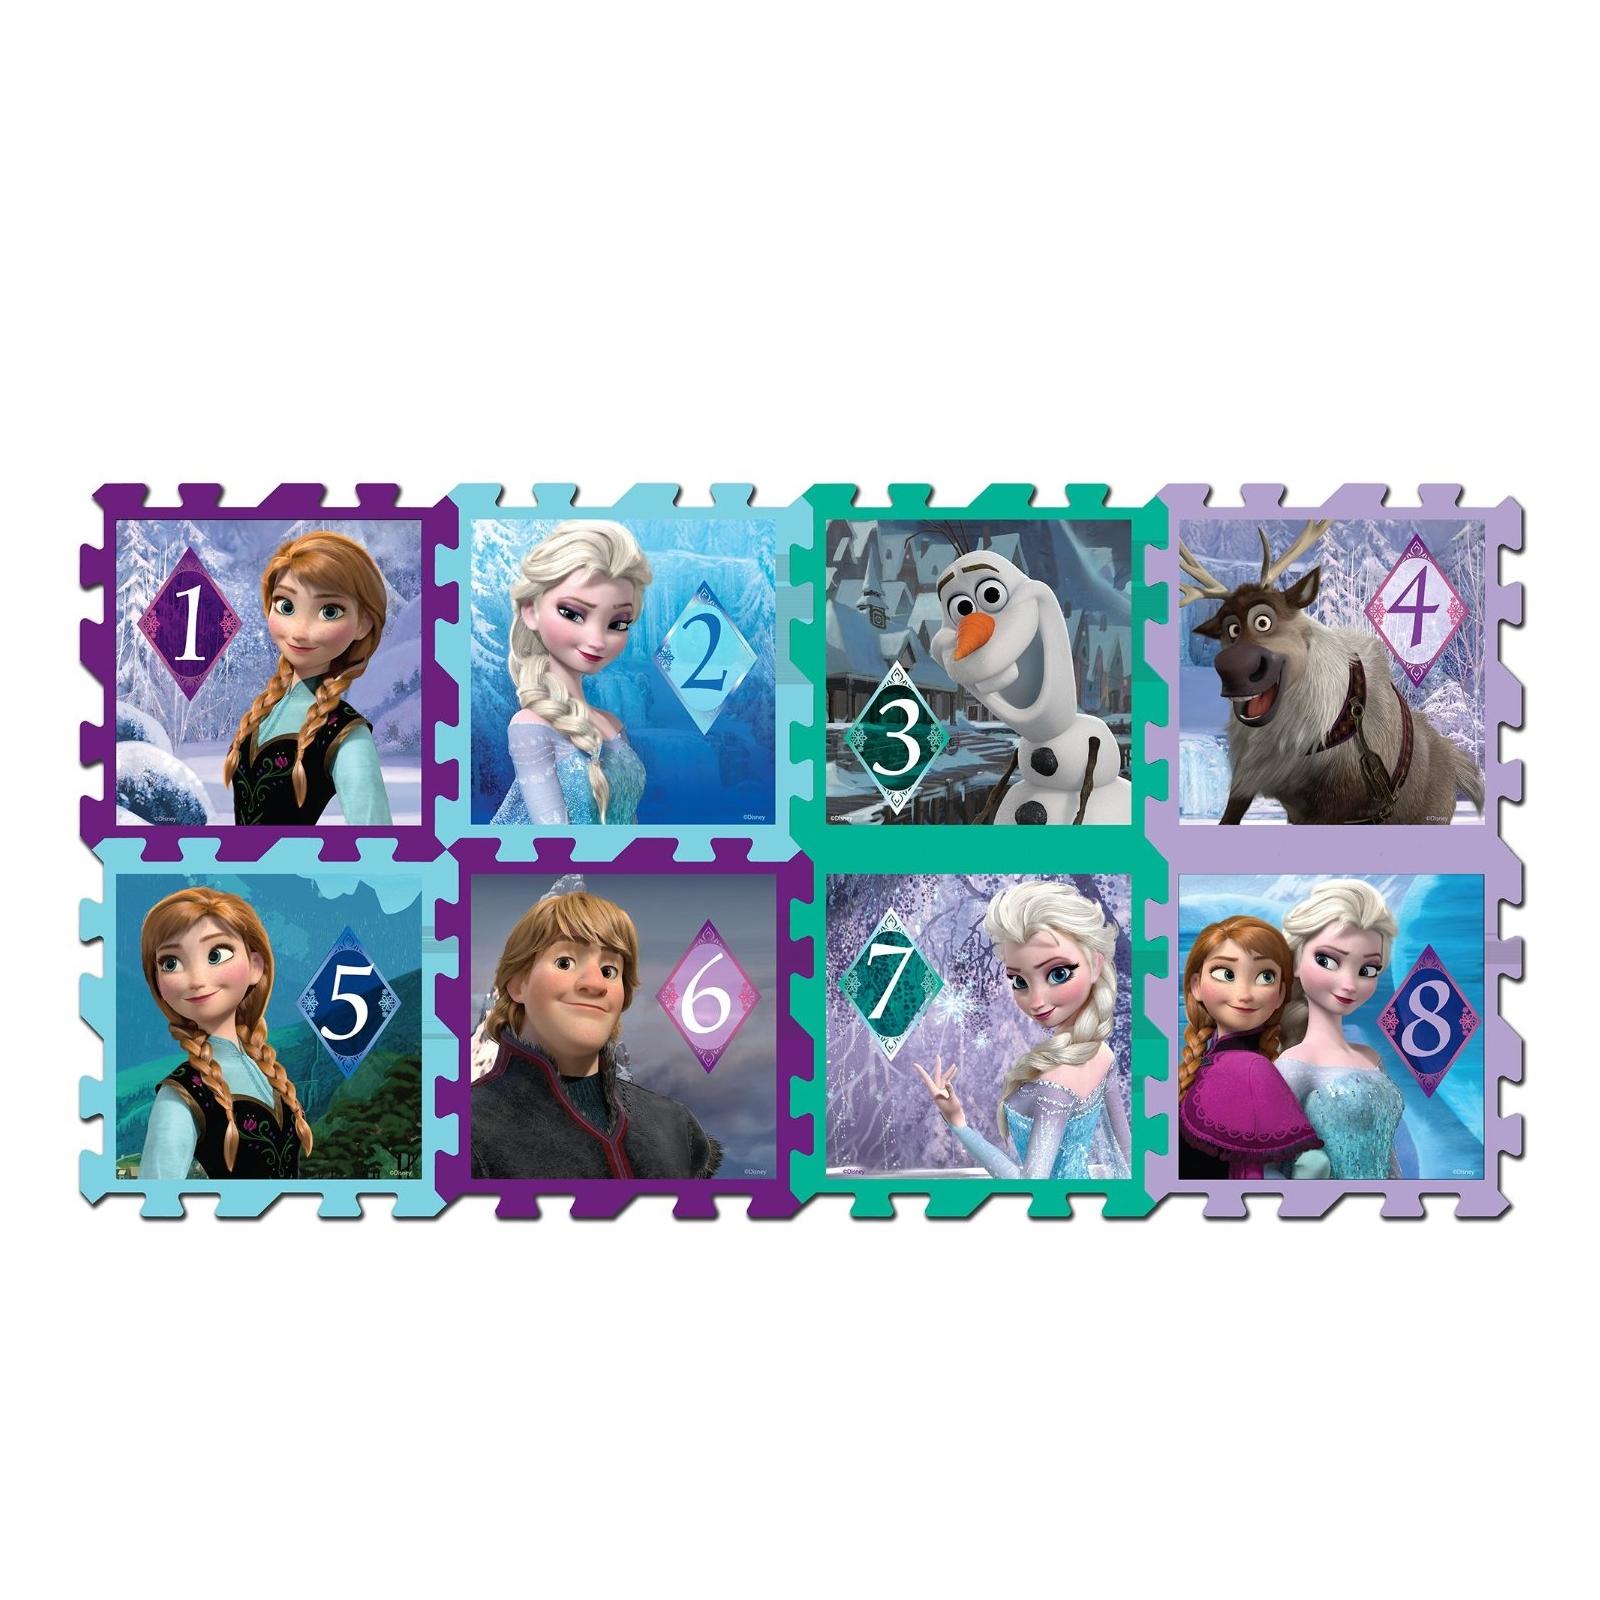 8 Piece Disney Frozen Hopscotch Foam Play Mat Set